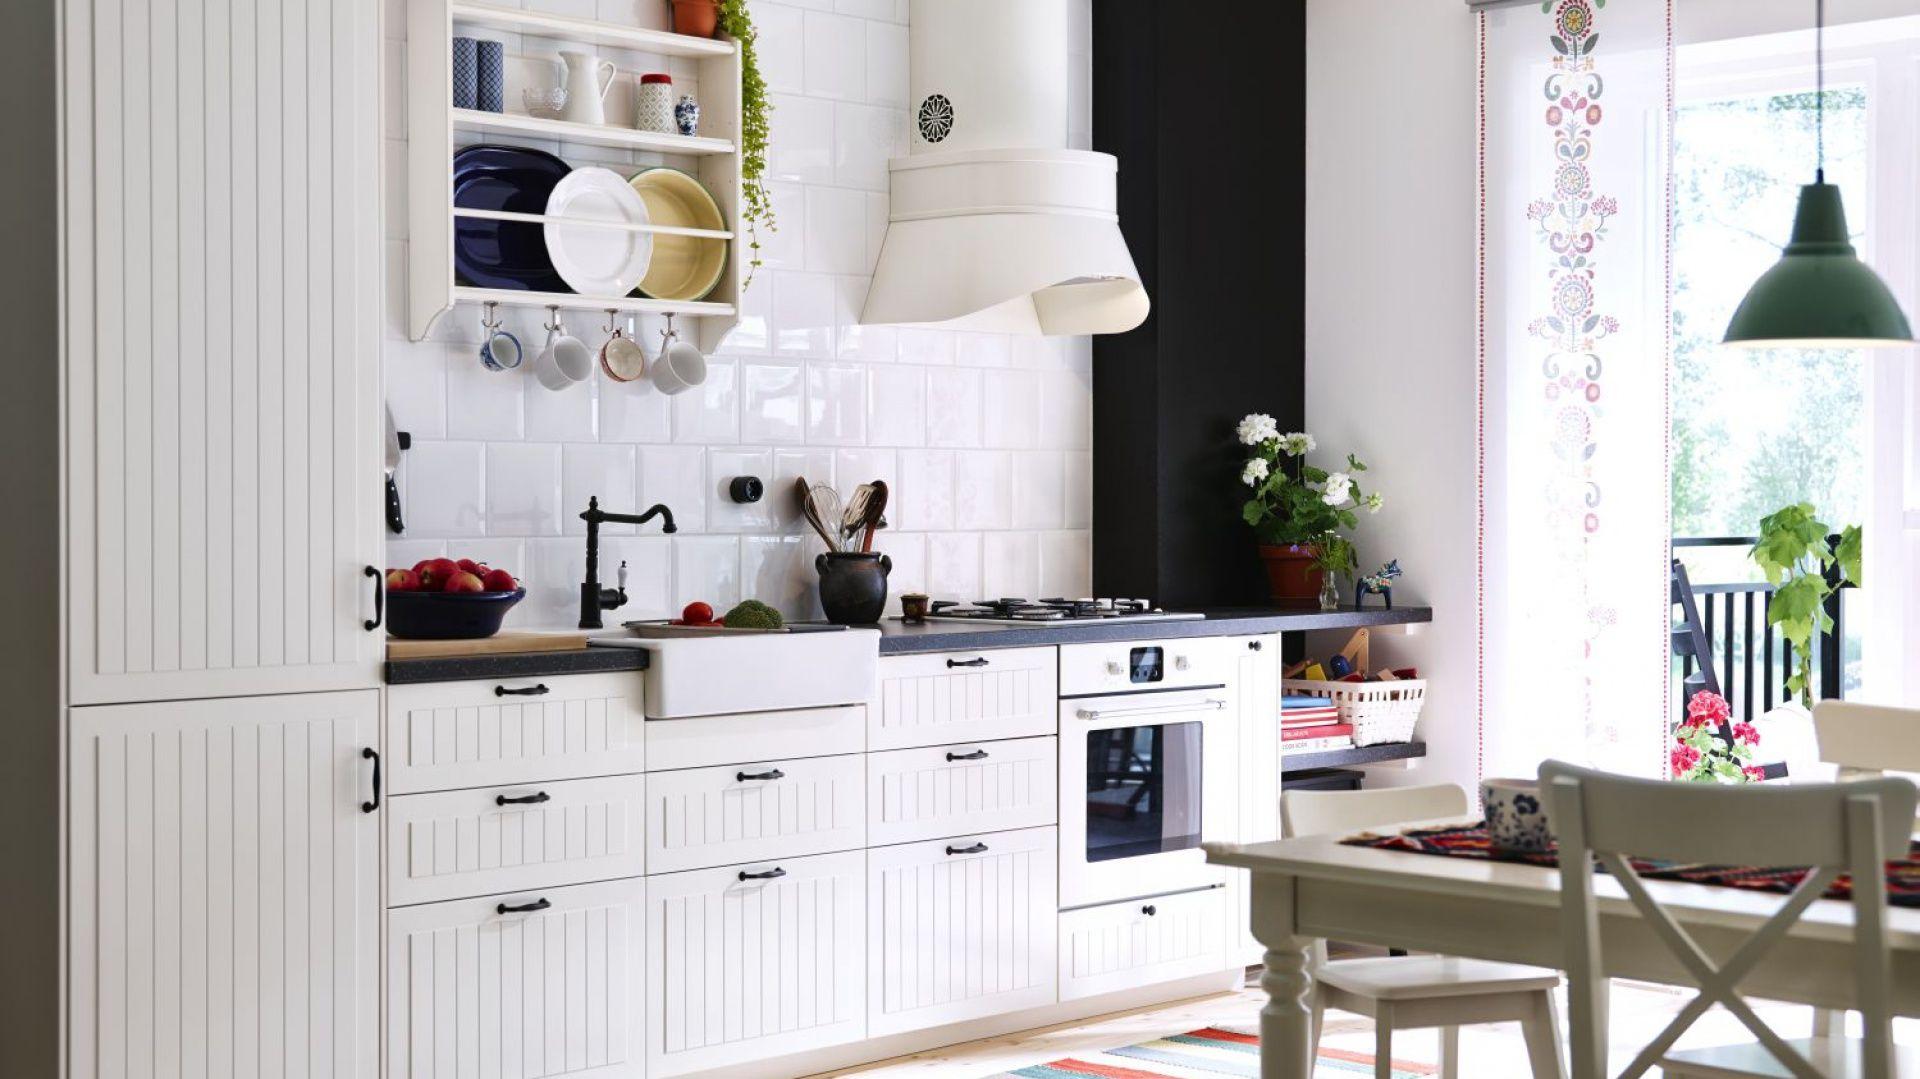 Ceramiczny Zlew W Kuchni Kuchnie Kuchnia Ikea Ikea I